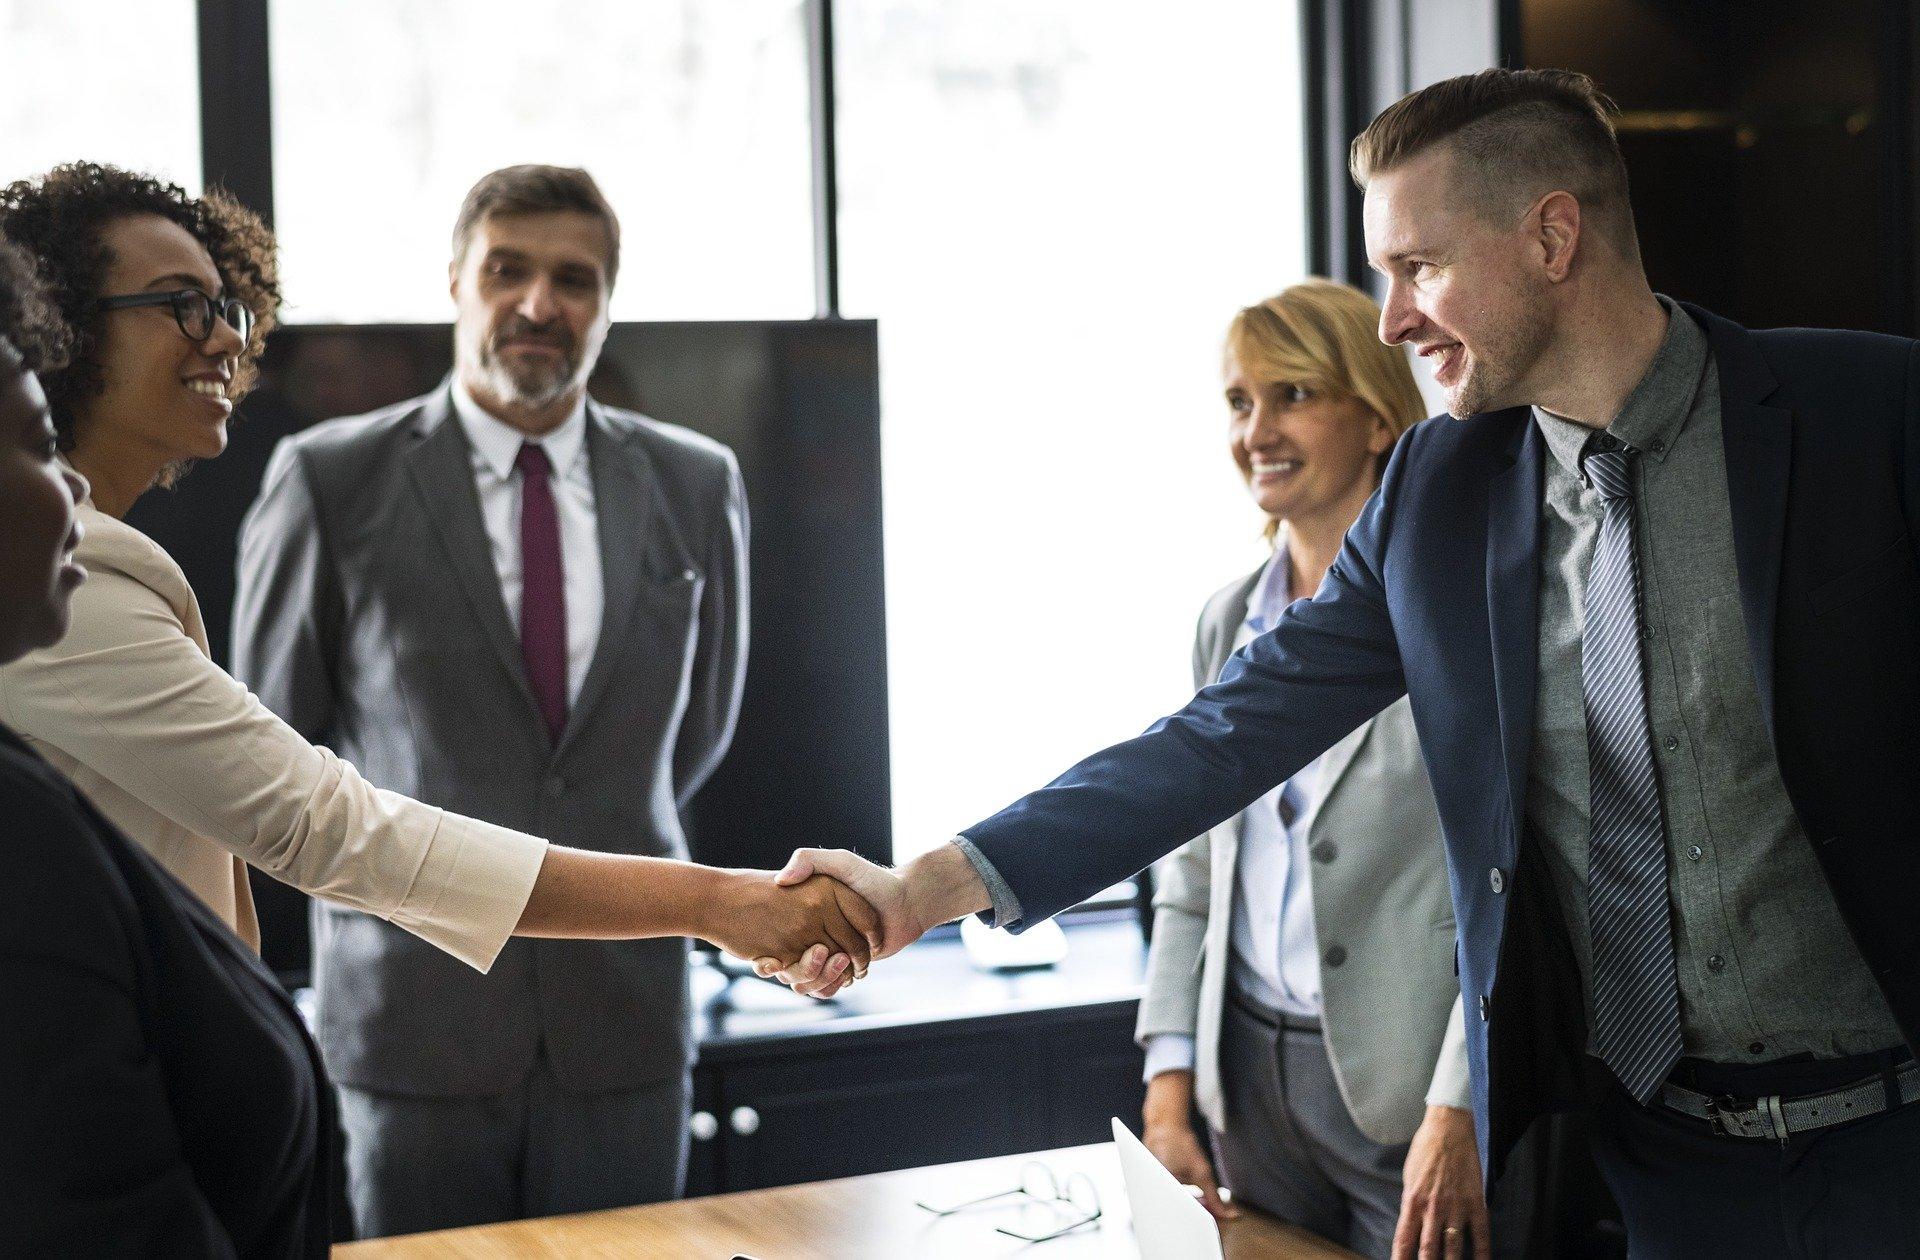 Eine Gruppe Menschen im Business-Kontext schauen zu, wie begeistert zwei mit einen Handschlag etwas besiegeln.